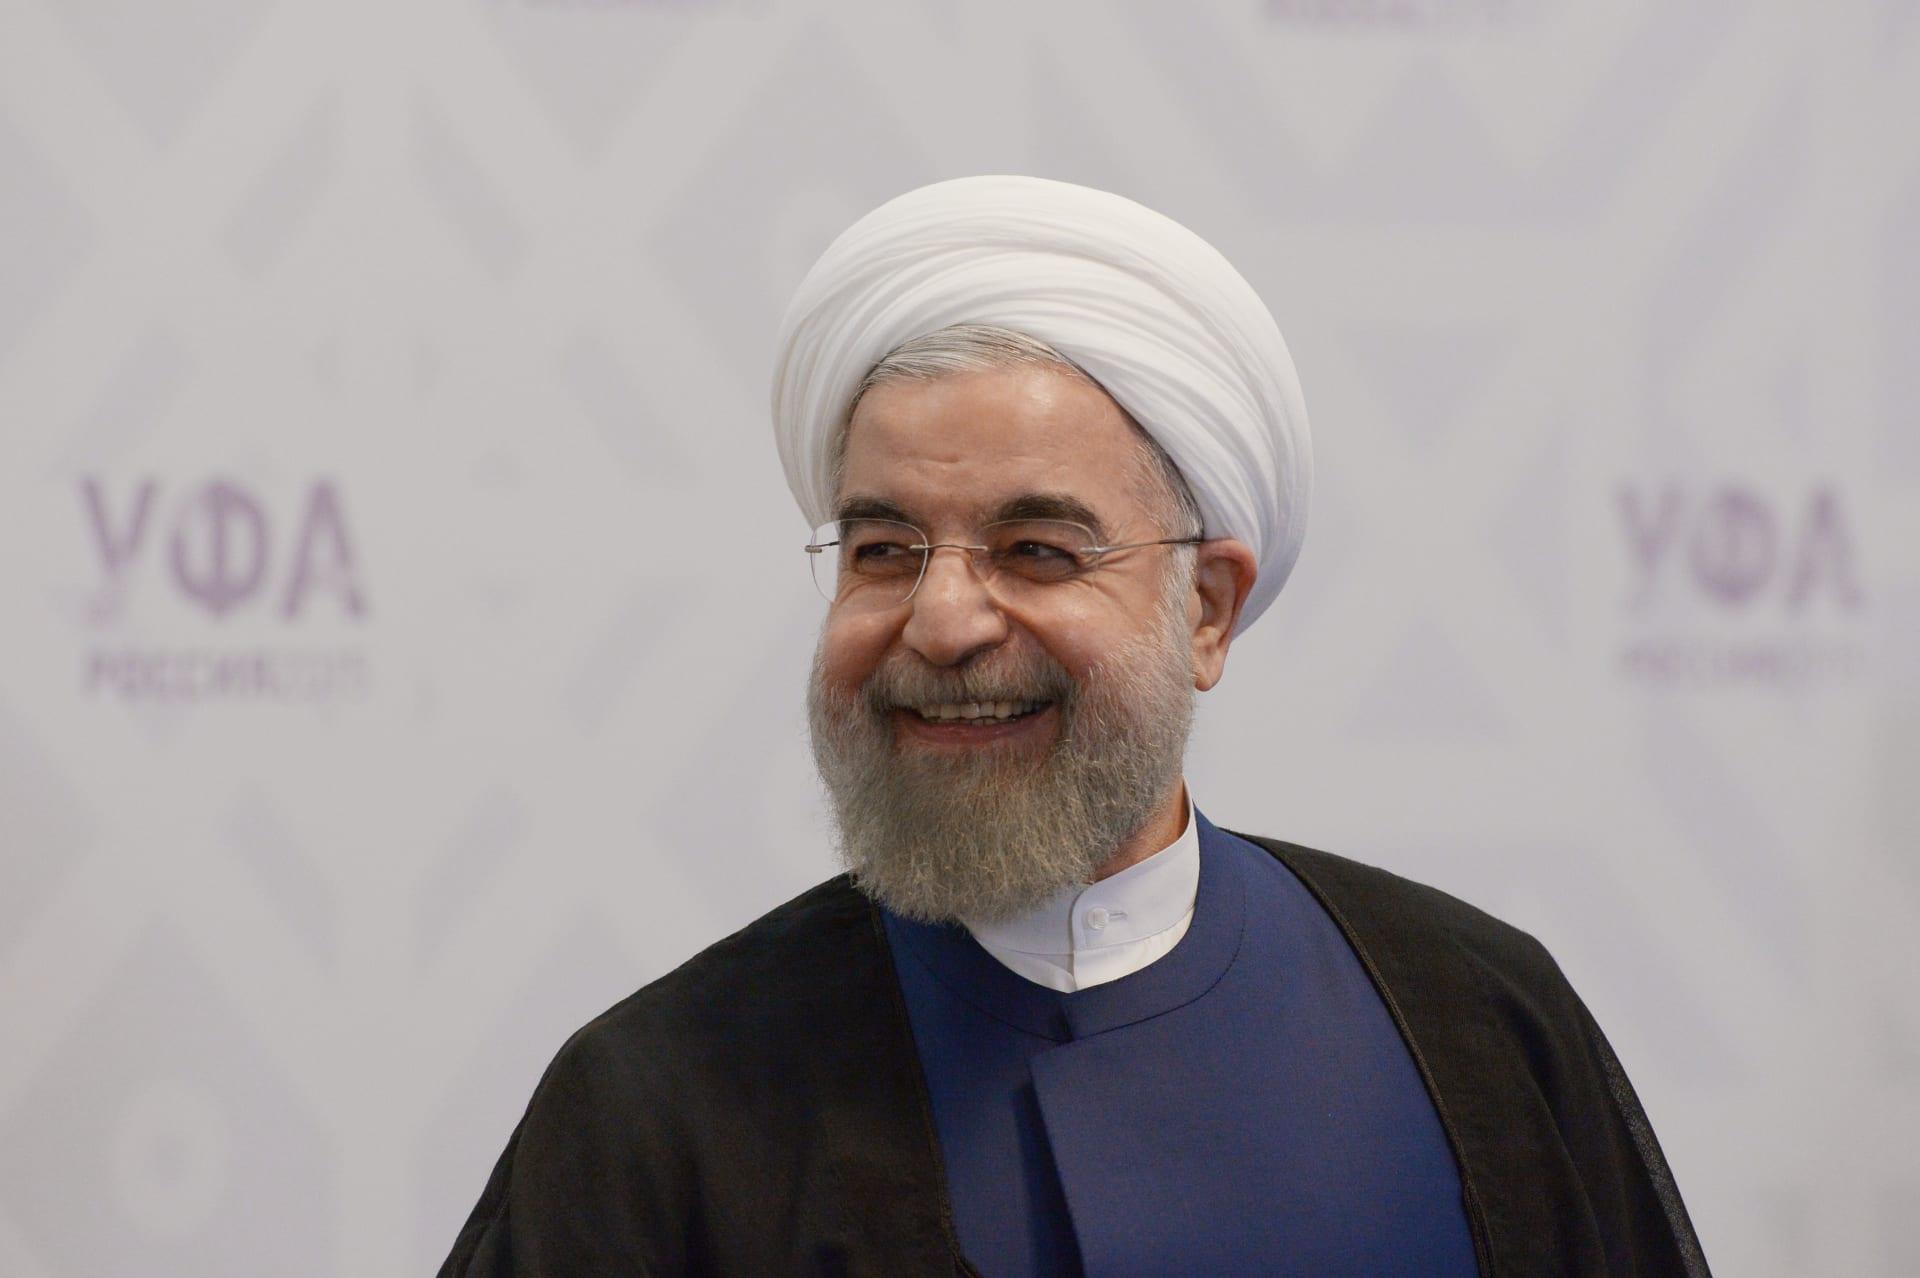 """انتخابات إيران: ترقب فوز حلفاء روحاني بأغلبية ساحقة في """"مجلس خبراء القيادة"""" وأنظار العالم تتطلع إلى سياسة طهران المستقبلية"""